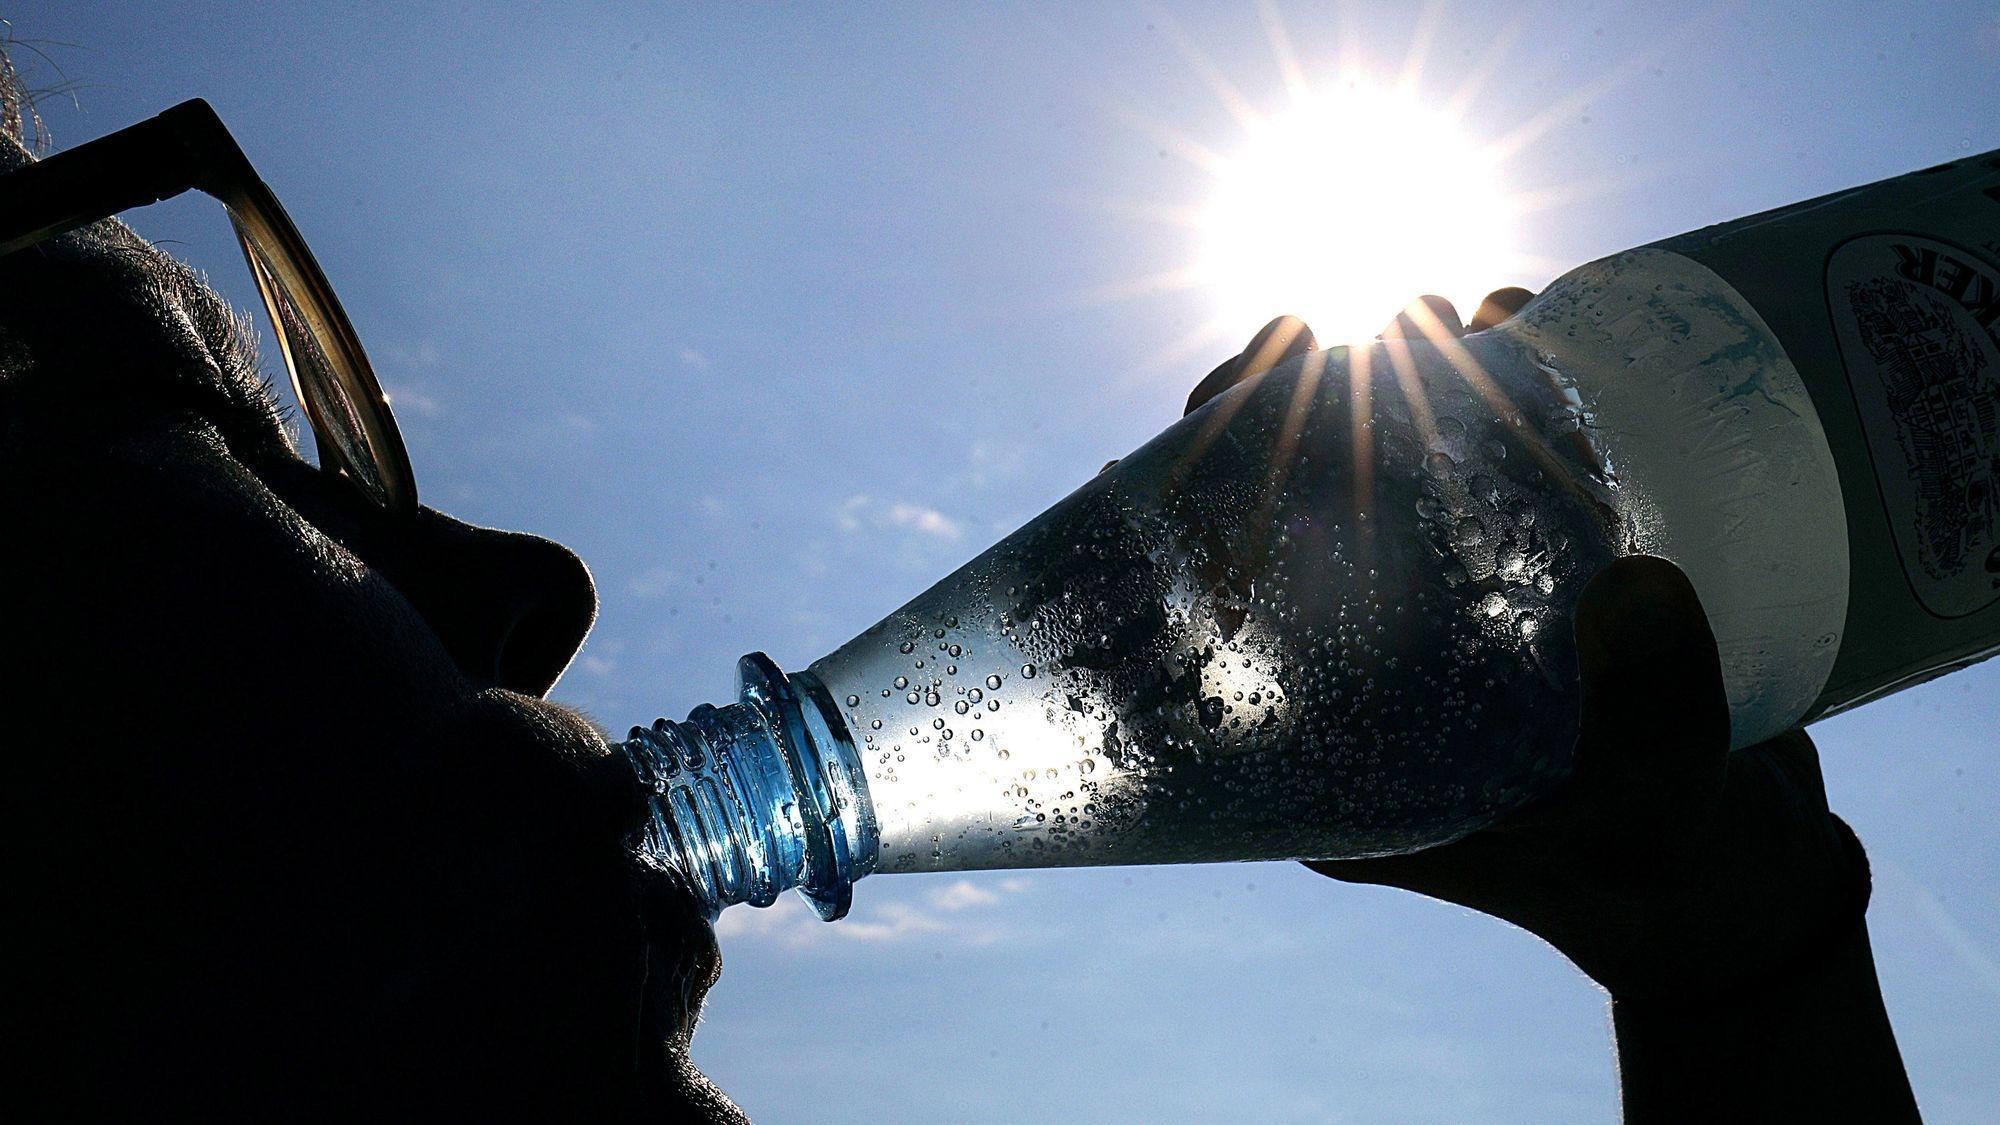 Eine Frau mit Sonnenbrille trinkt bei Sonnenschein aus einer Flasche Wasser.